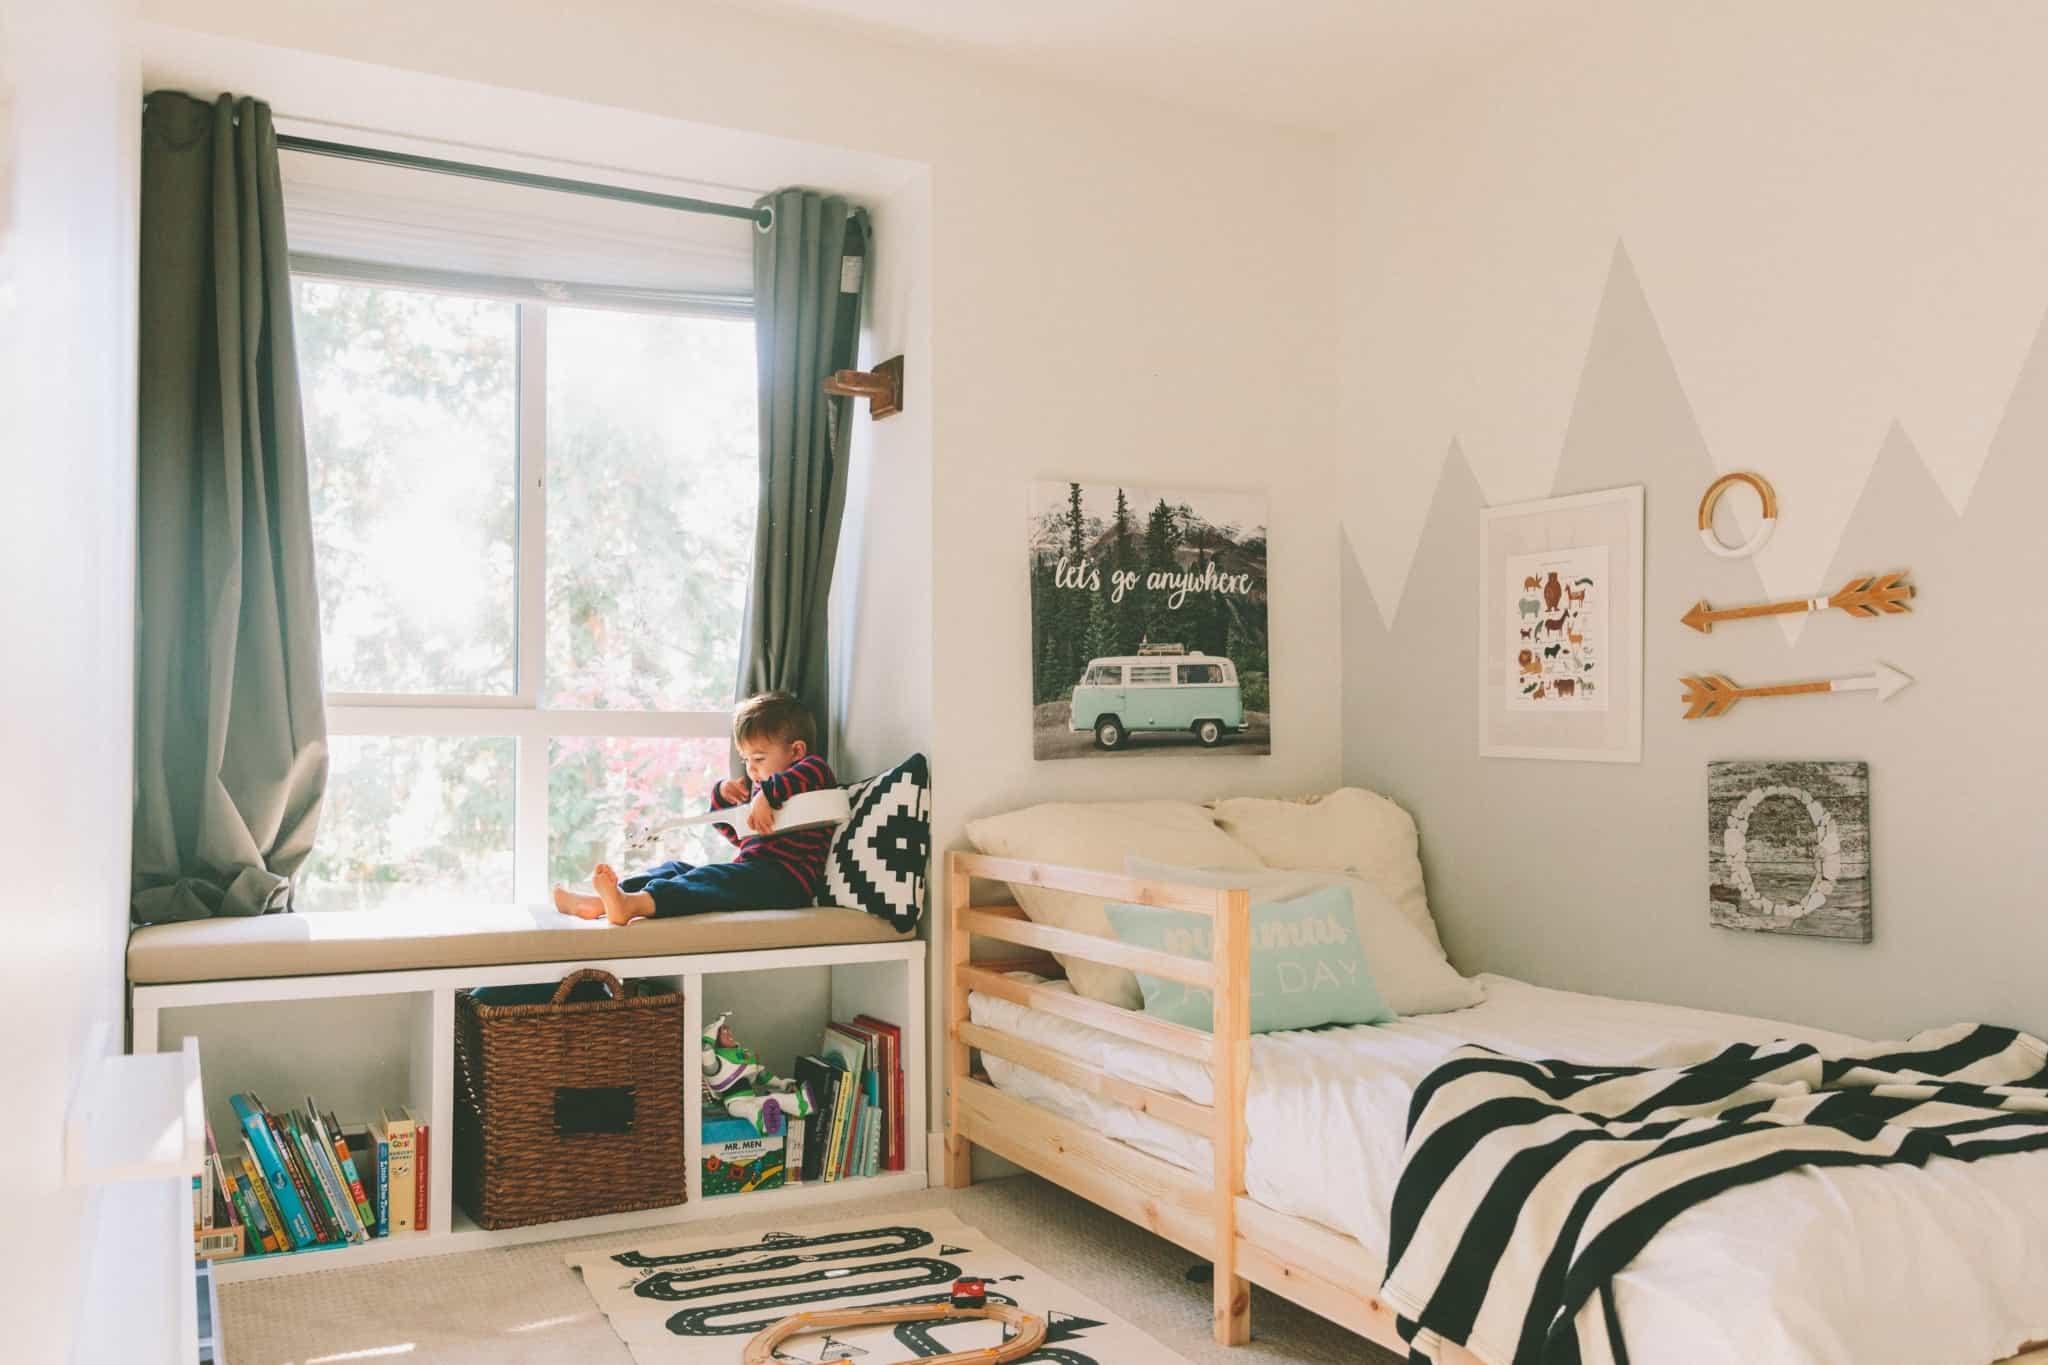 rapaz brinca no seu quarto perto da janela